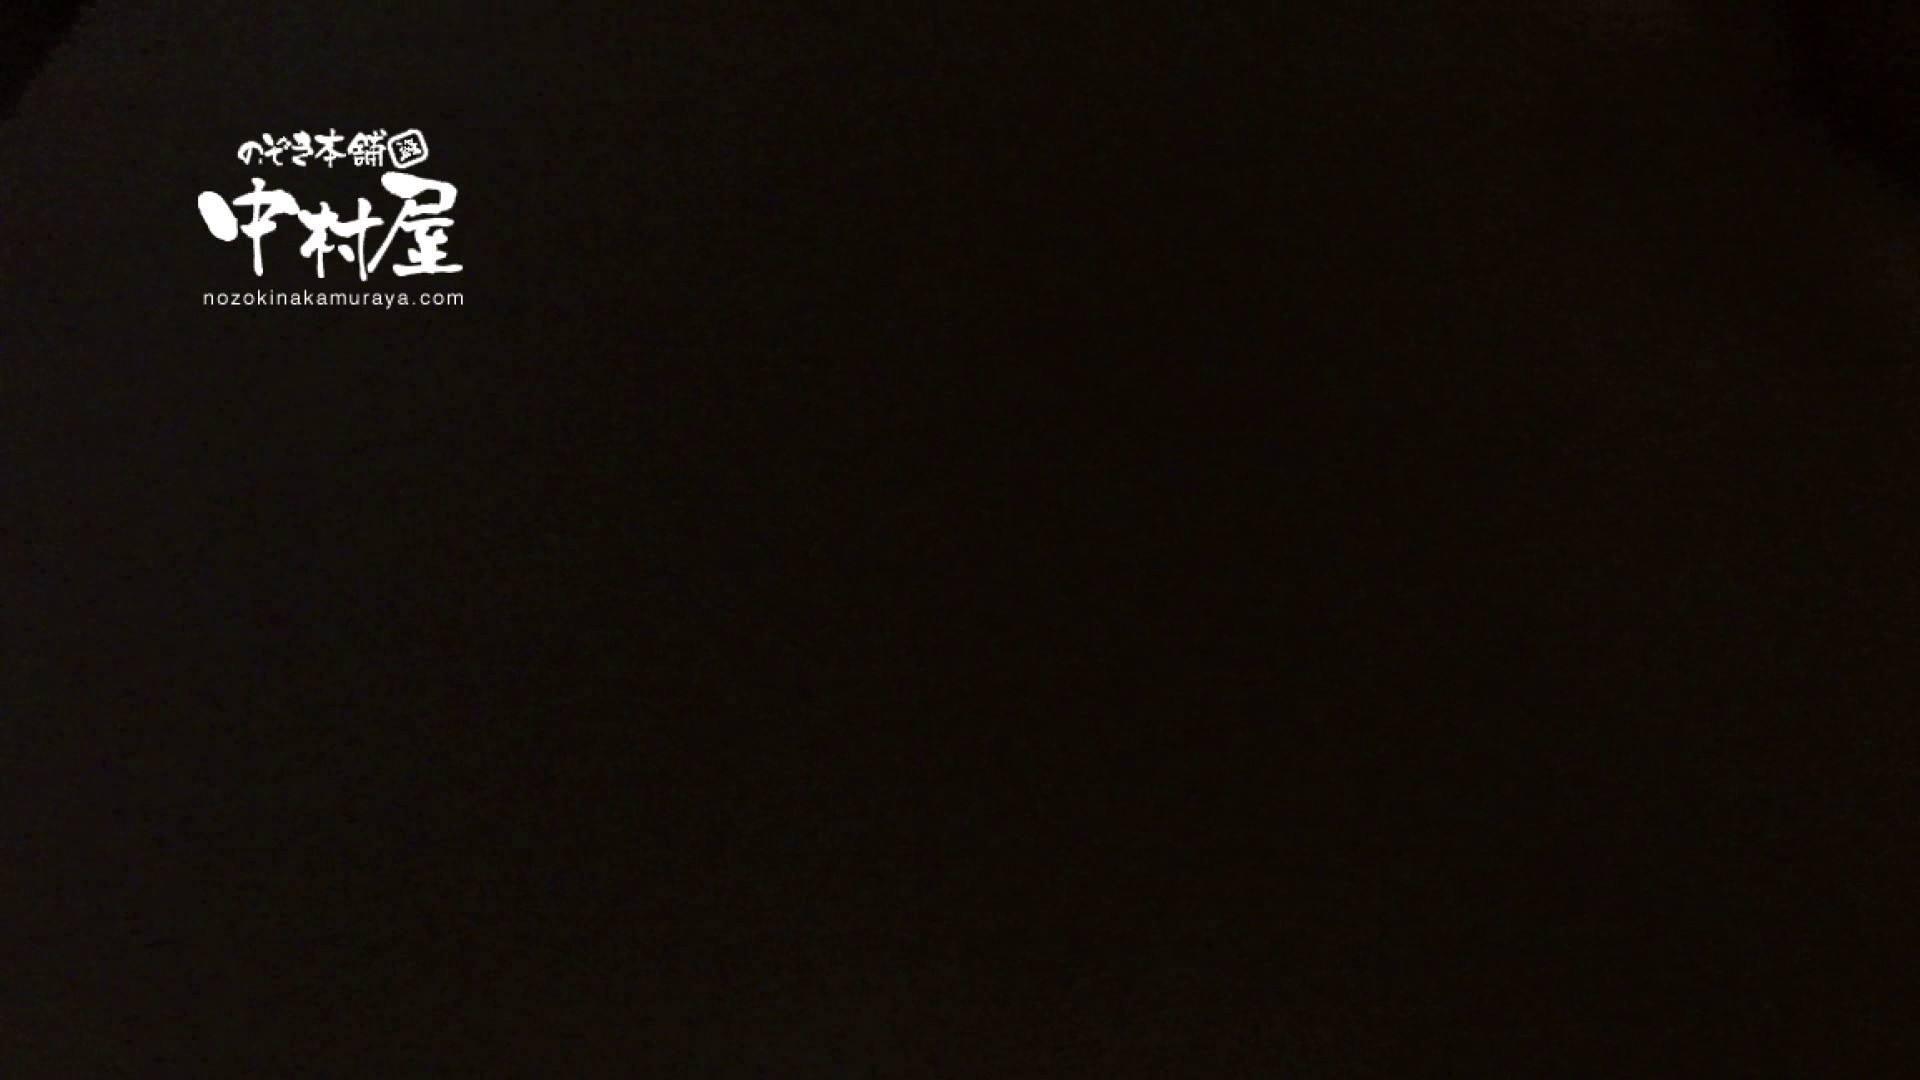 鬼畜 vol.10 あぁ無情…中出しパイパン! 後編 OLエロ画像 盗み撮りオマンコ動画キャプチャ 100PICs 14